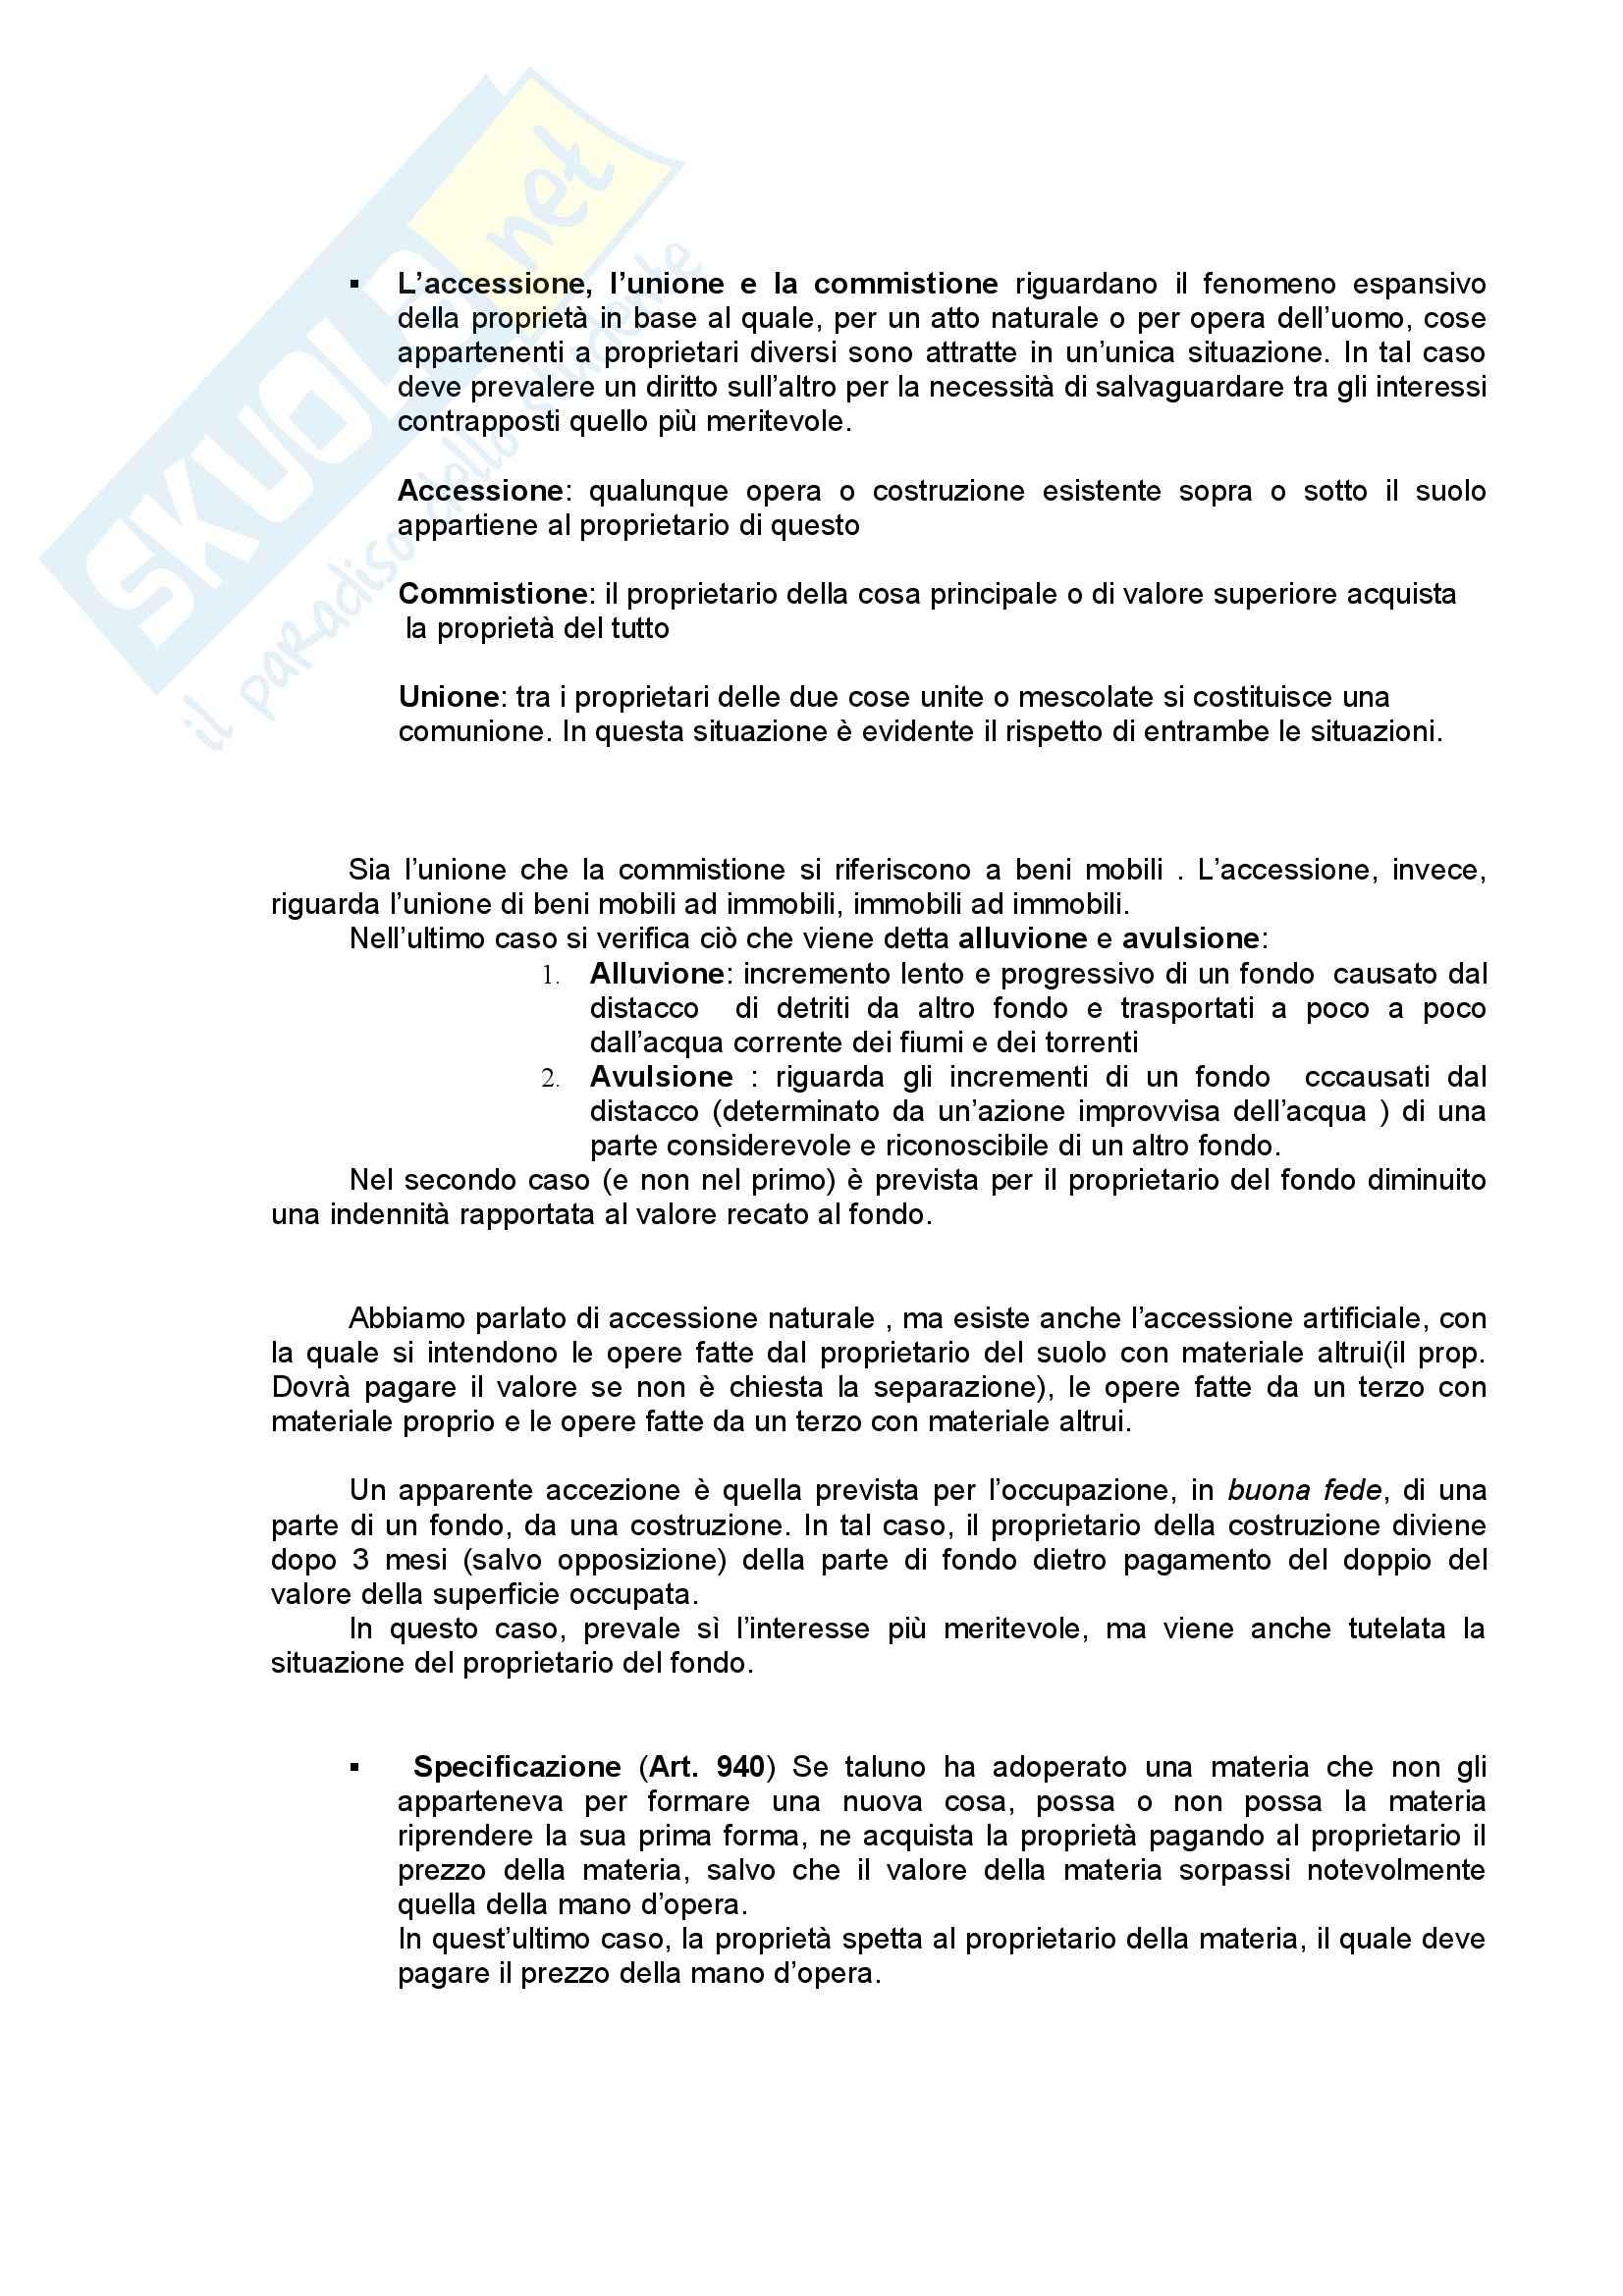 Diritto privato - Riassunto esame, prof. Bozzi Pag. 26